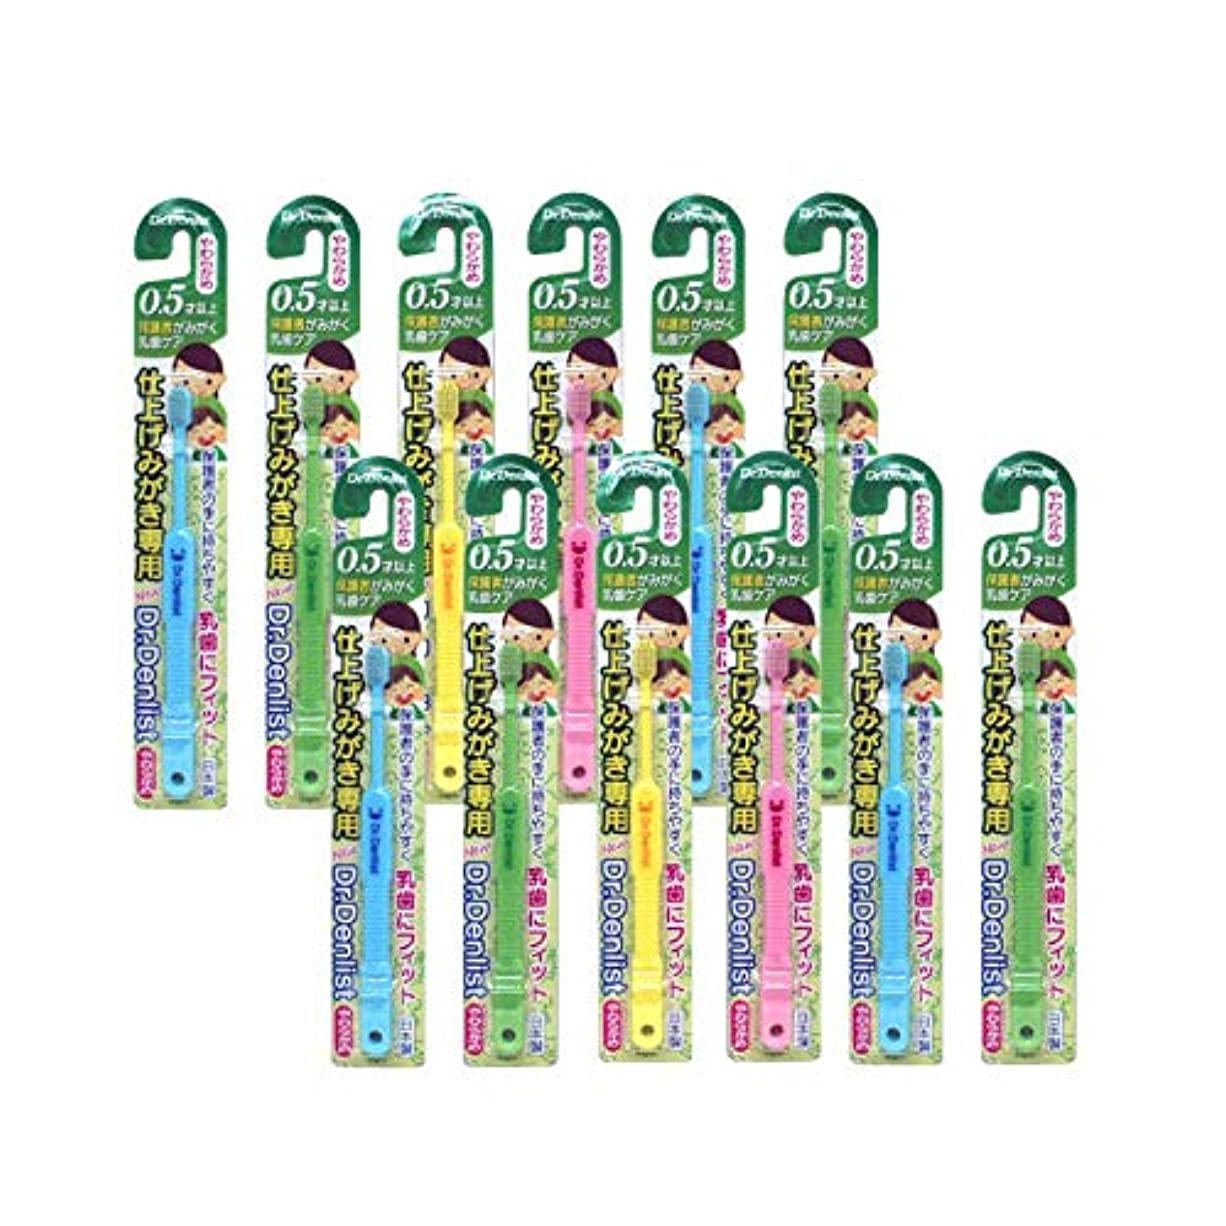 ズームインするロック袋子供用歯ブラシ 仕上げ磨き用 乳歯 子ども用 0.5才以上 子ども用 Dr.デンリスト やわらかめ×12本セット